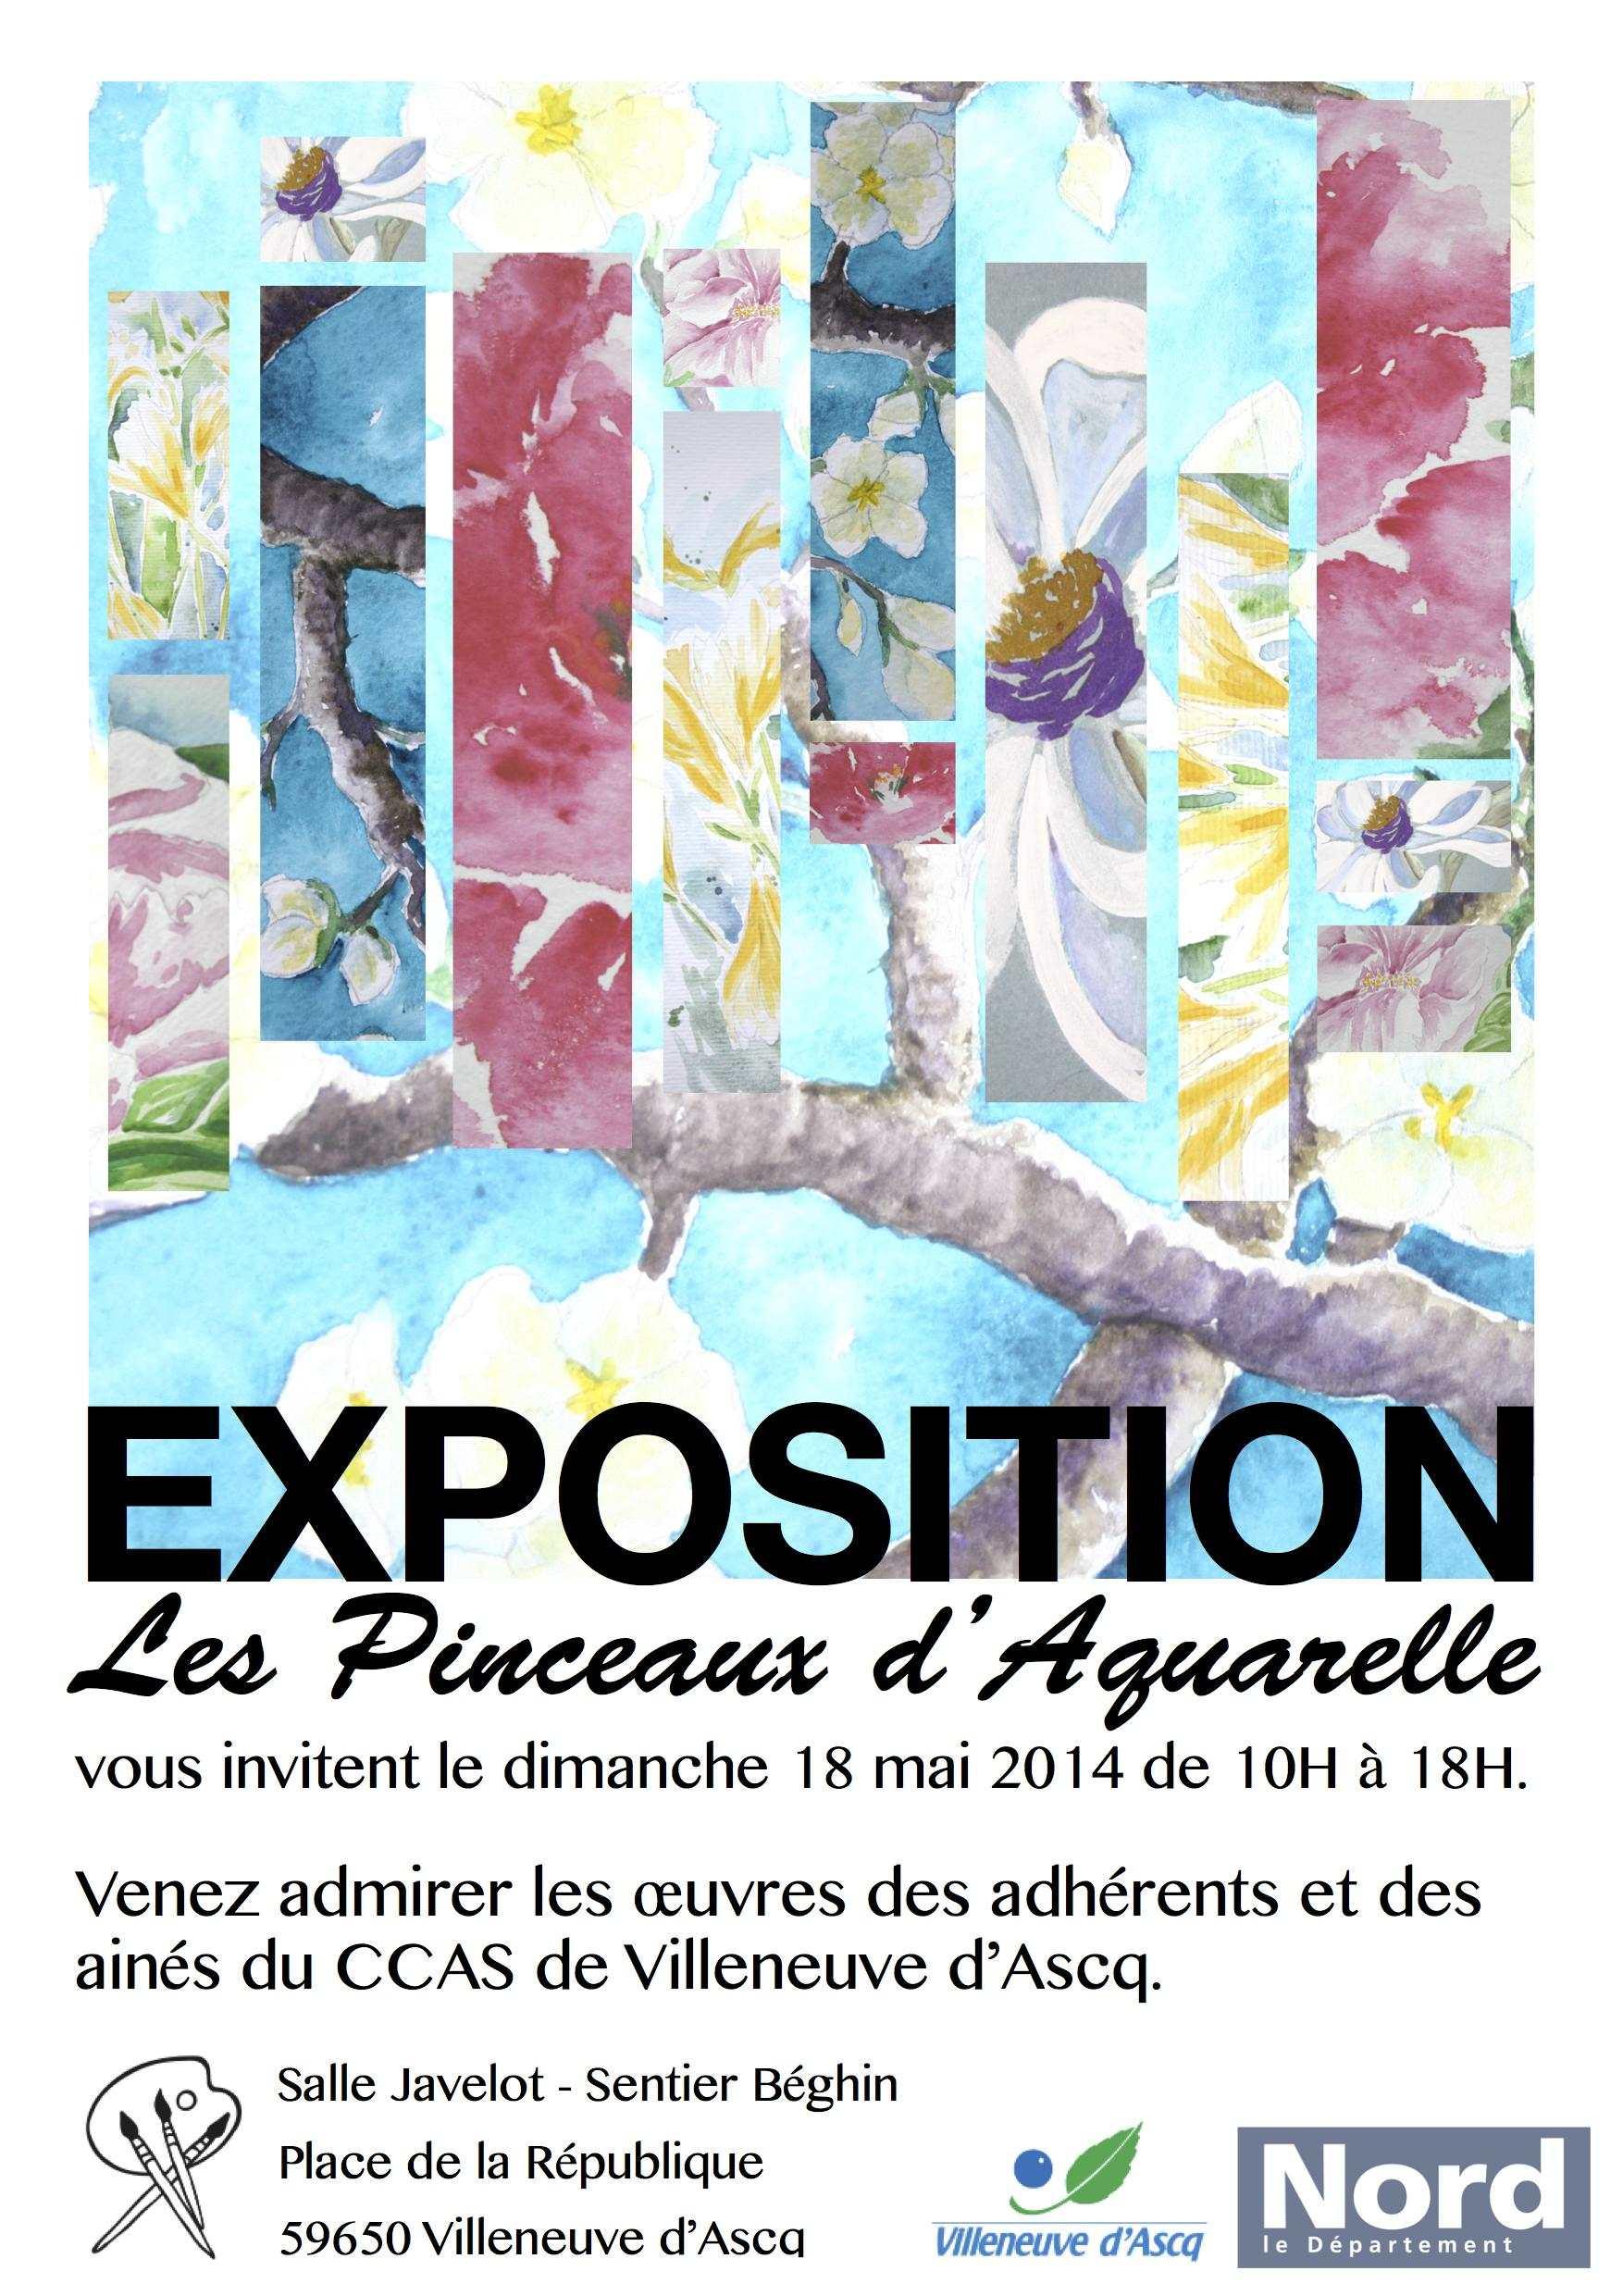 5 Expositions Le Blog Des Pinceaux DAquarelle